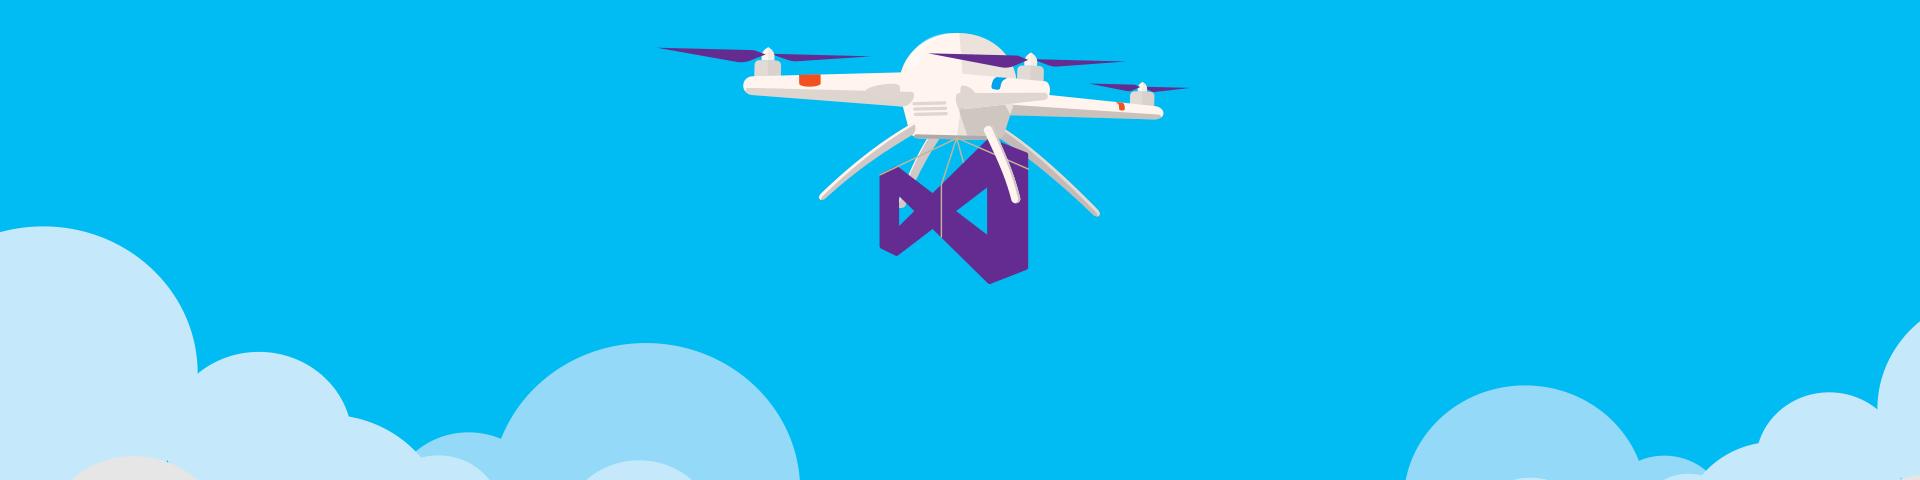 Immagine di un drone che vola trasportando il logo di Visual Studio